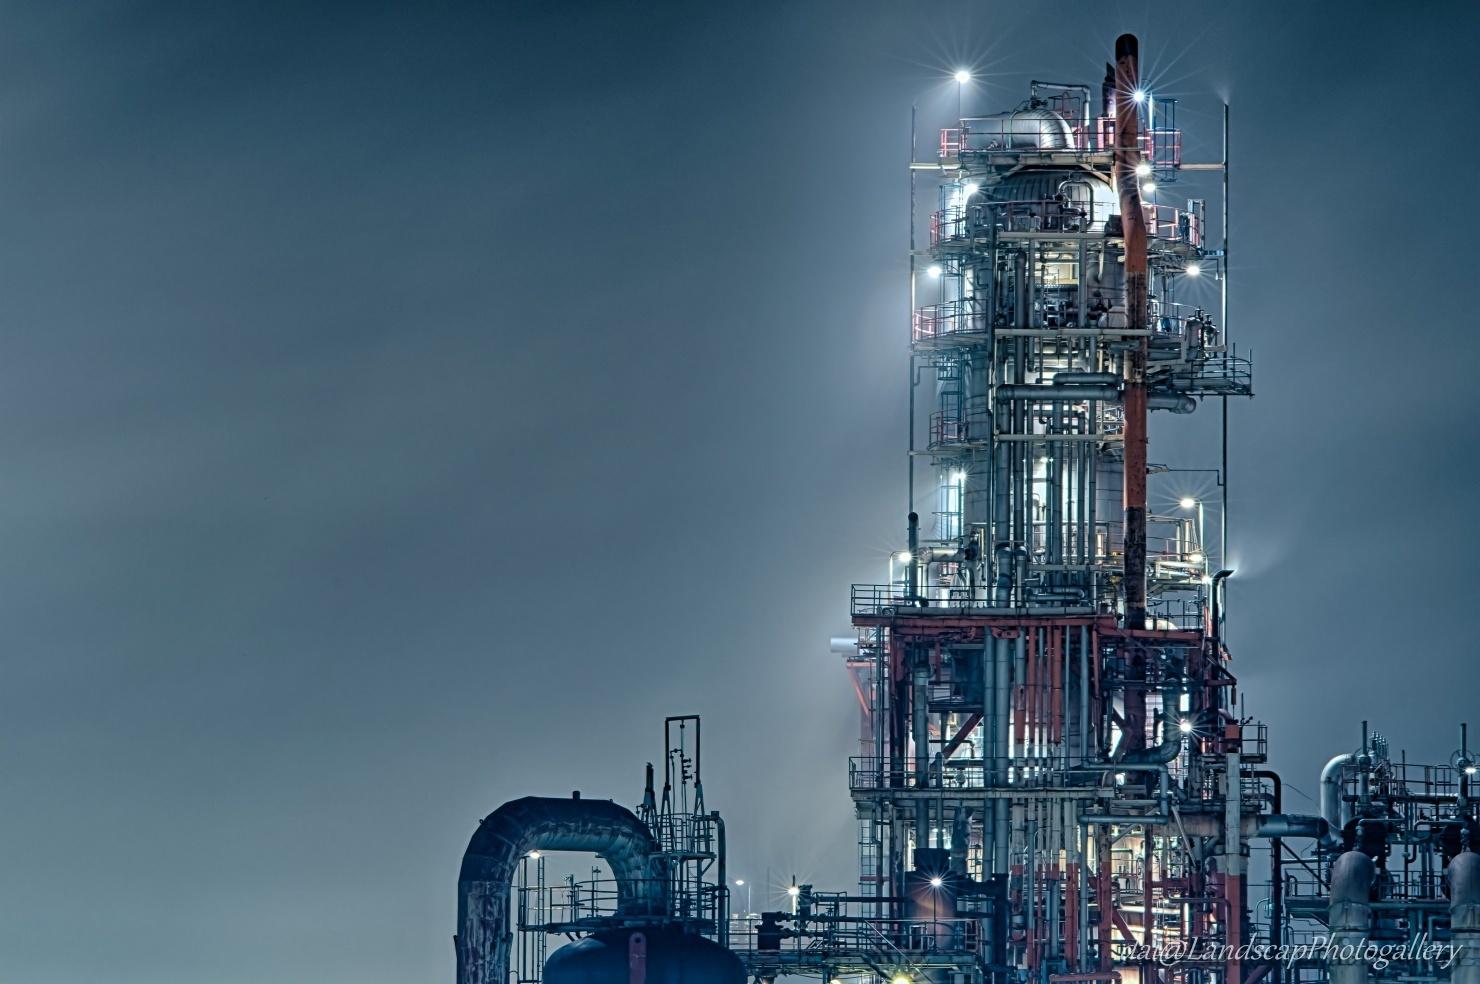 東亜石油フレシキコーカー夜景【HDRi】